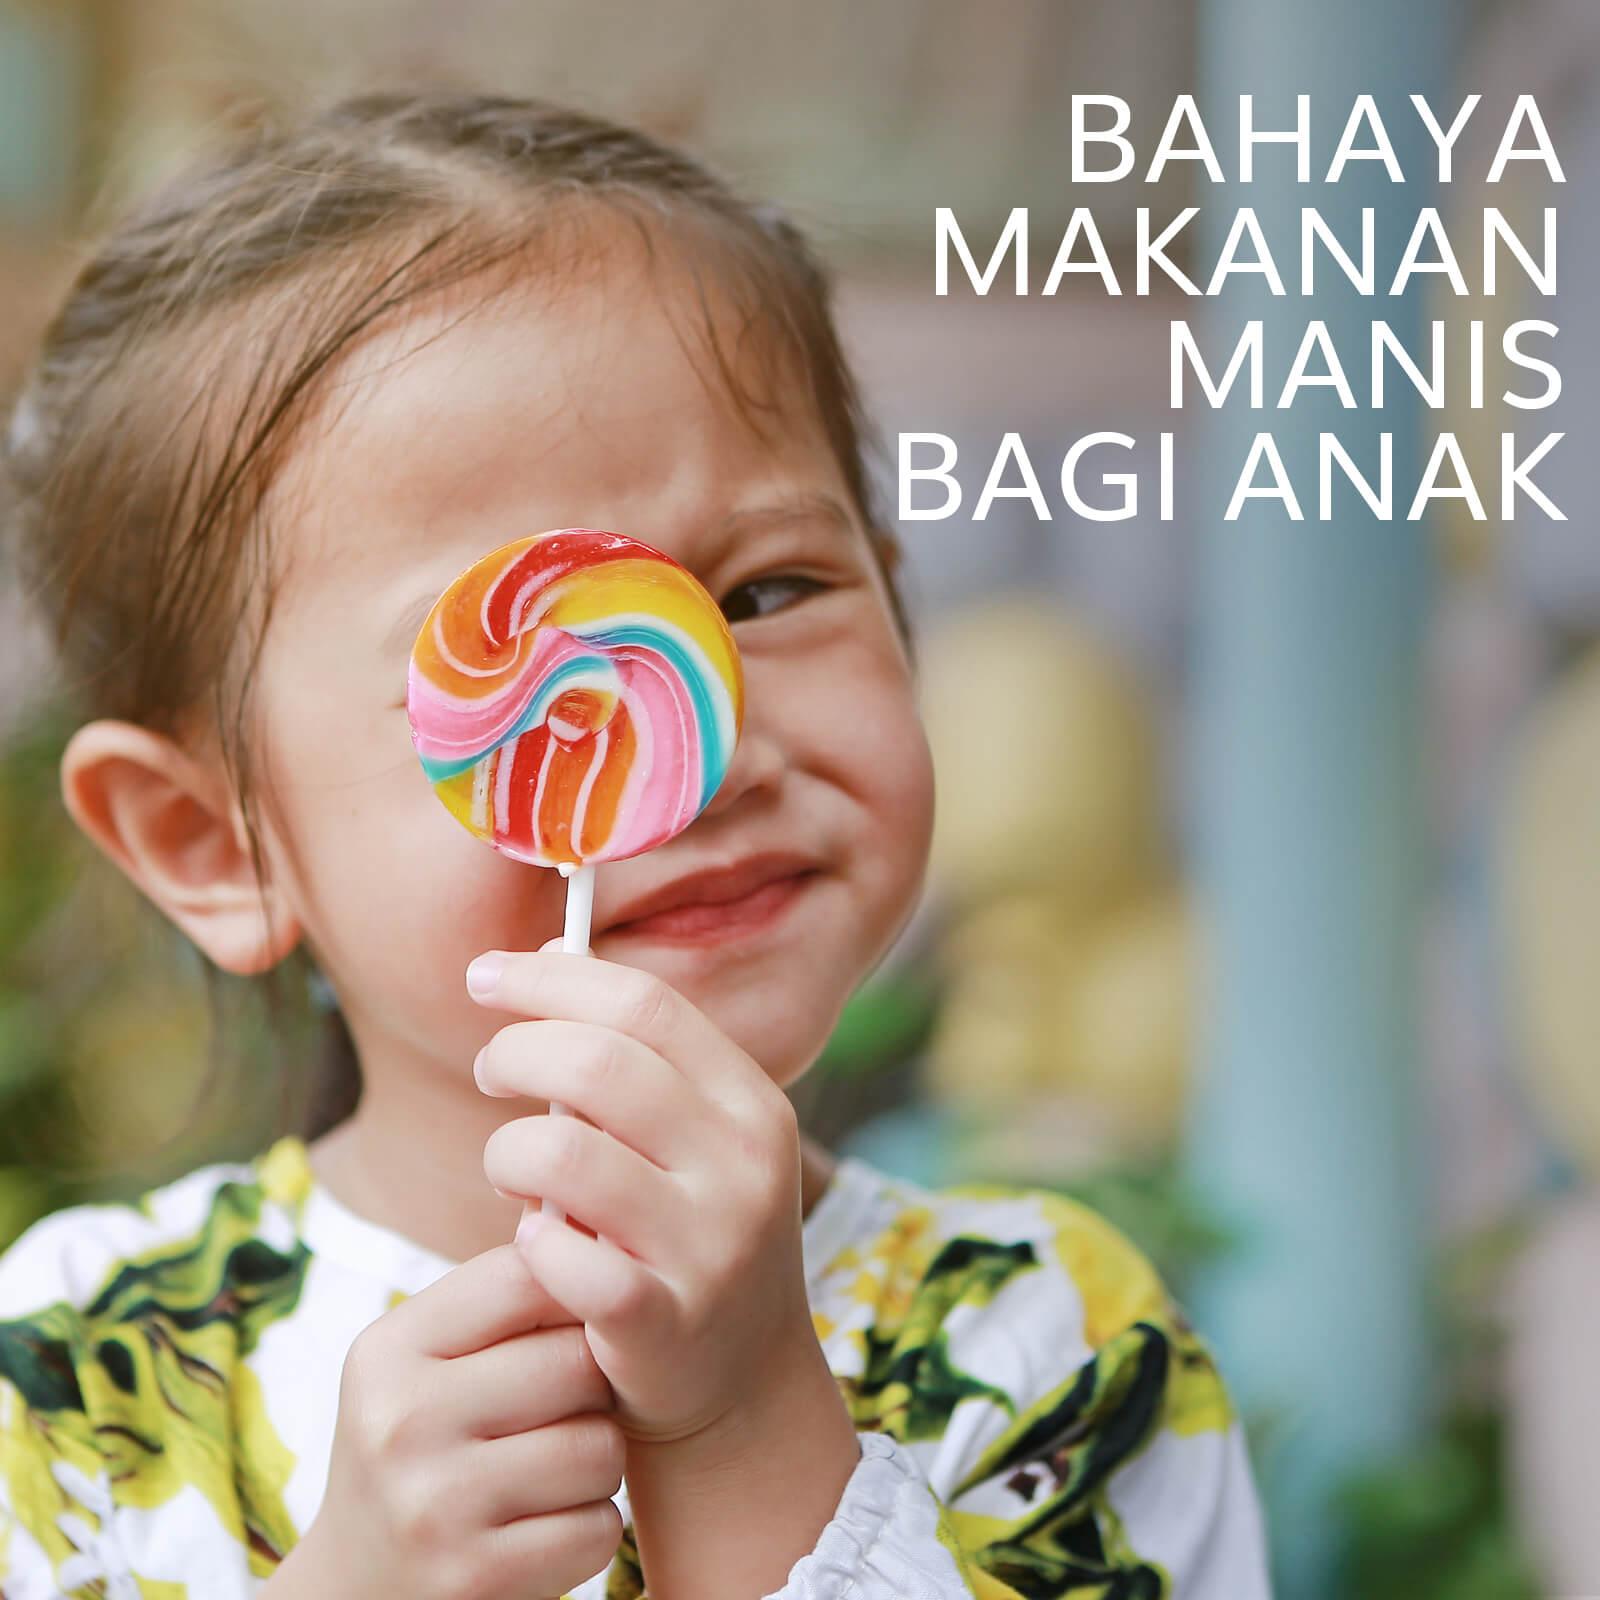 Image BAHAYA MAKANAN MANIS BAGI ANAK